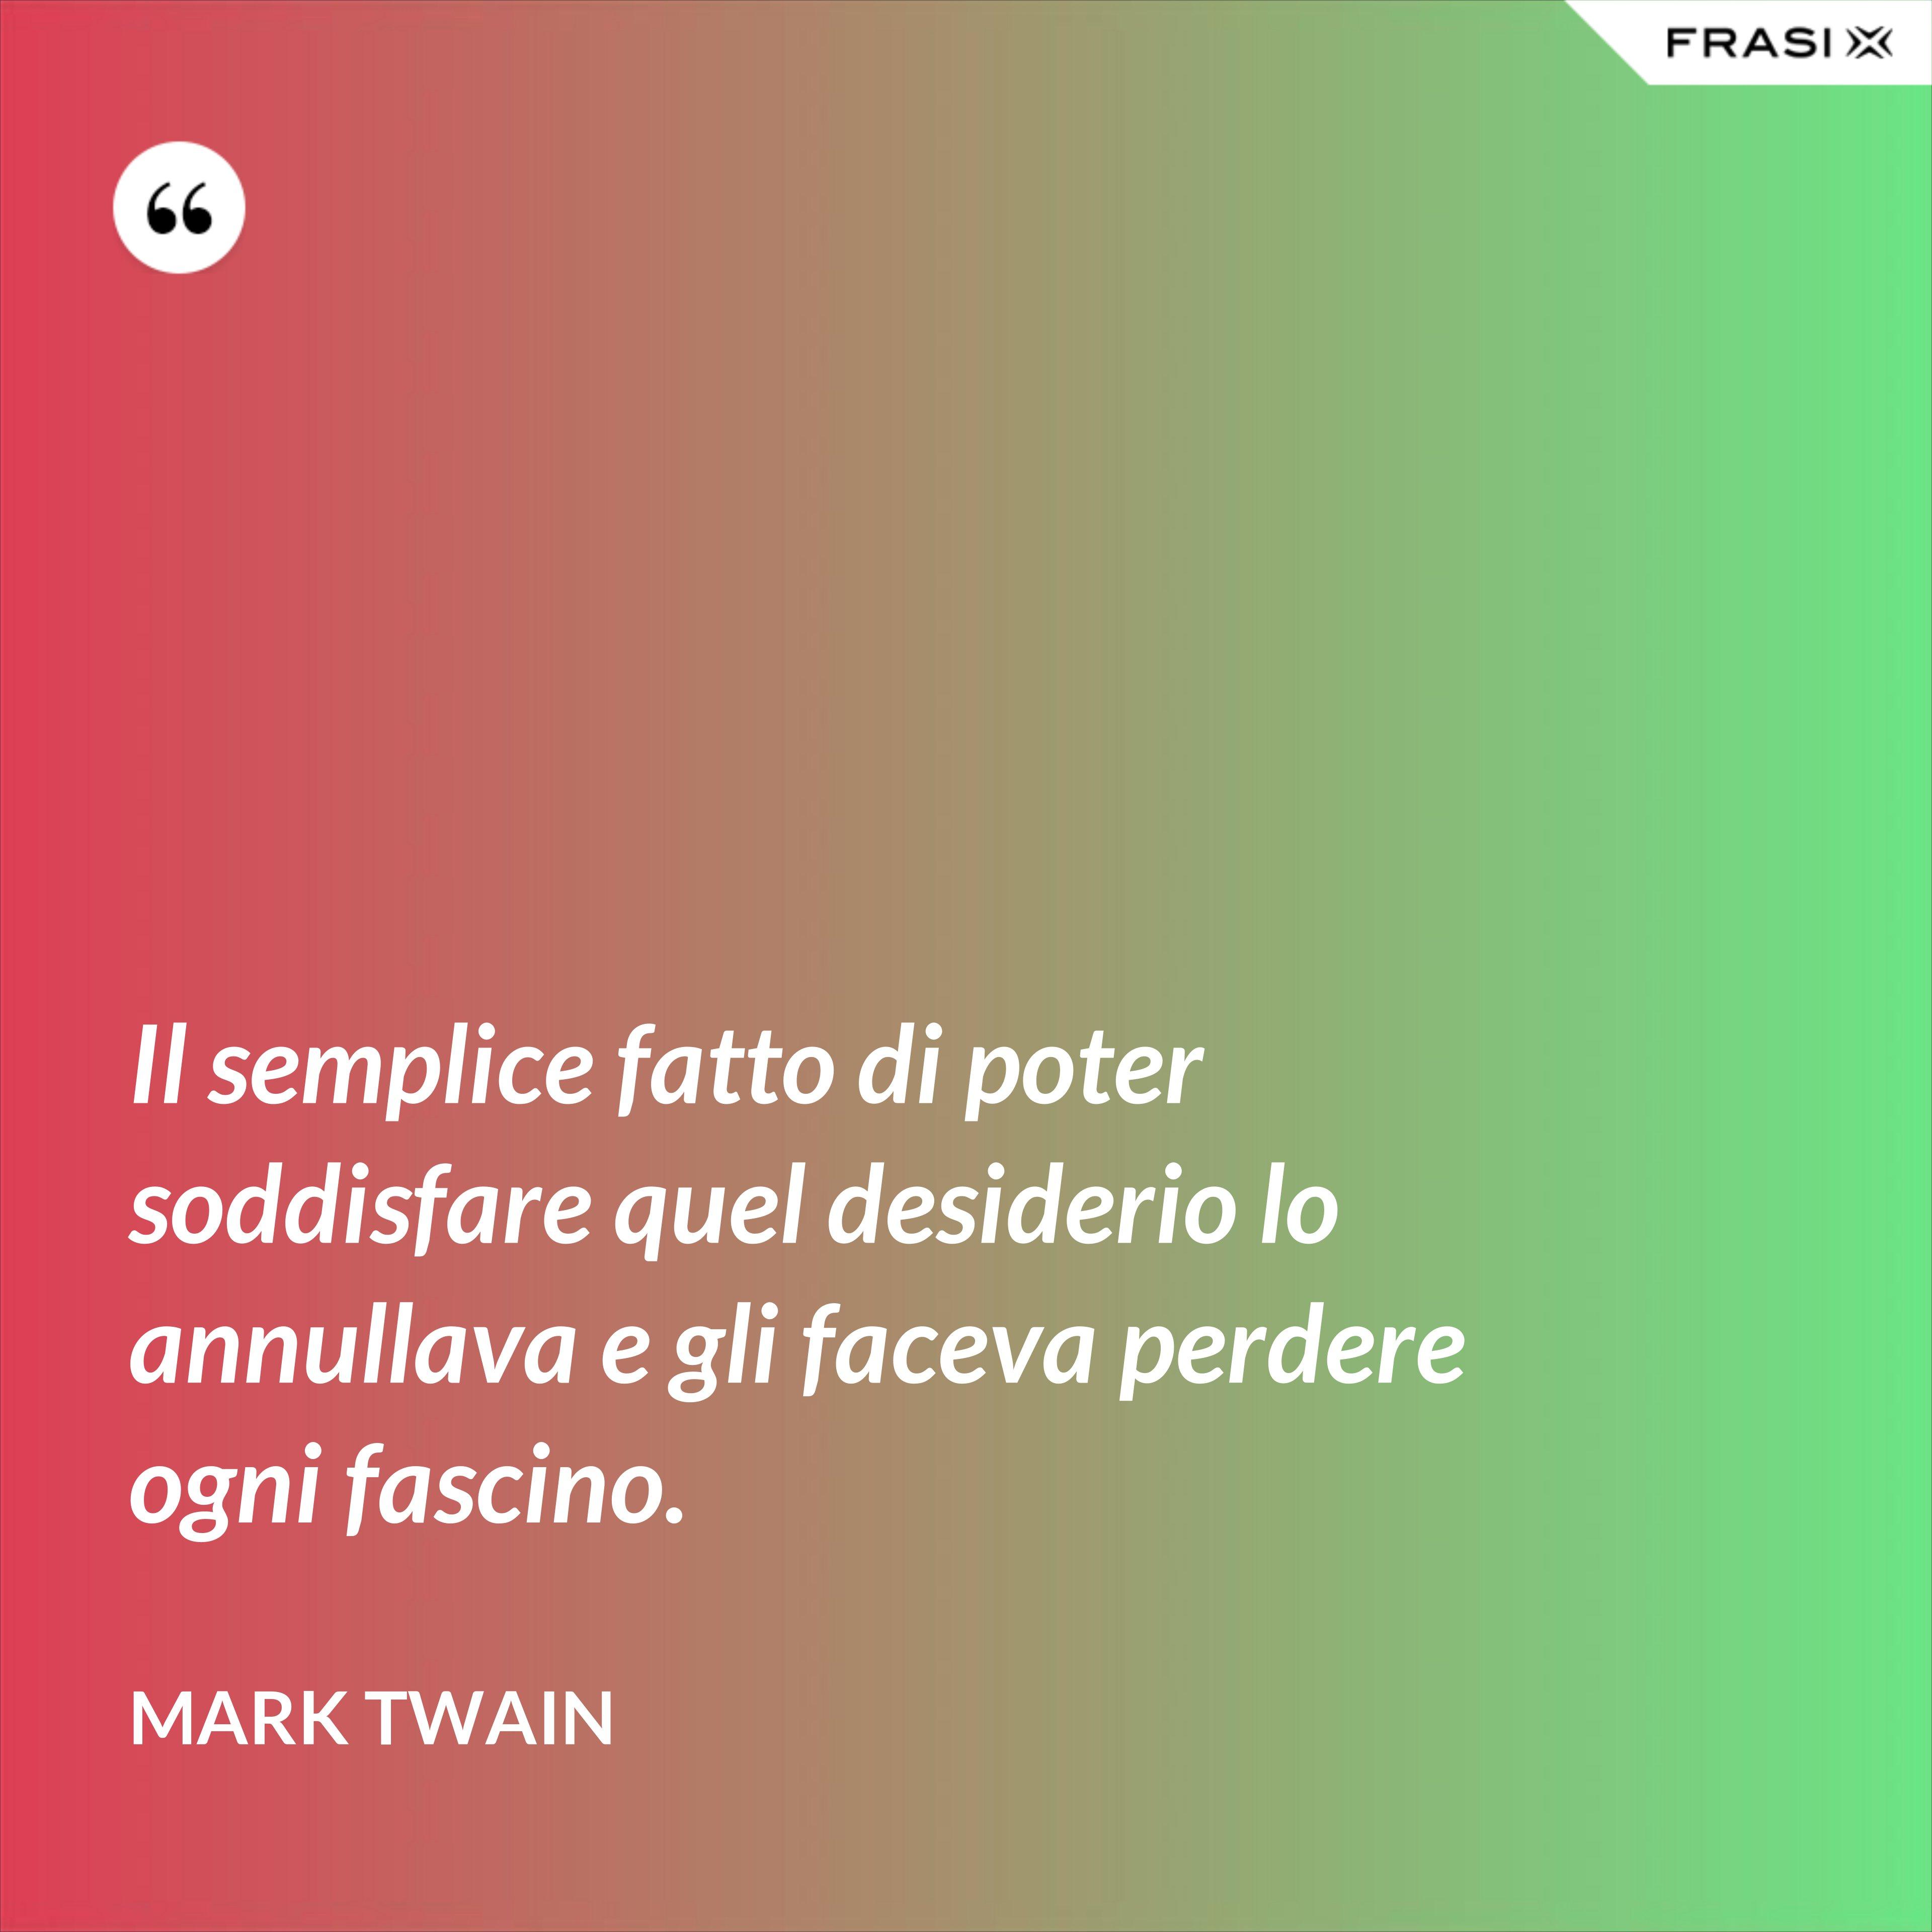 Il semplice fatto di poter soddisfare quel desiderio lo annullava e gli faceva perdere ogni fascino. - Mark Twain